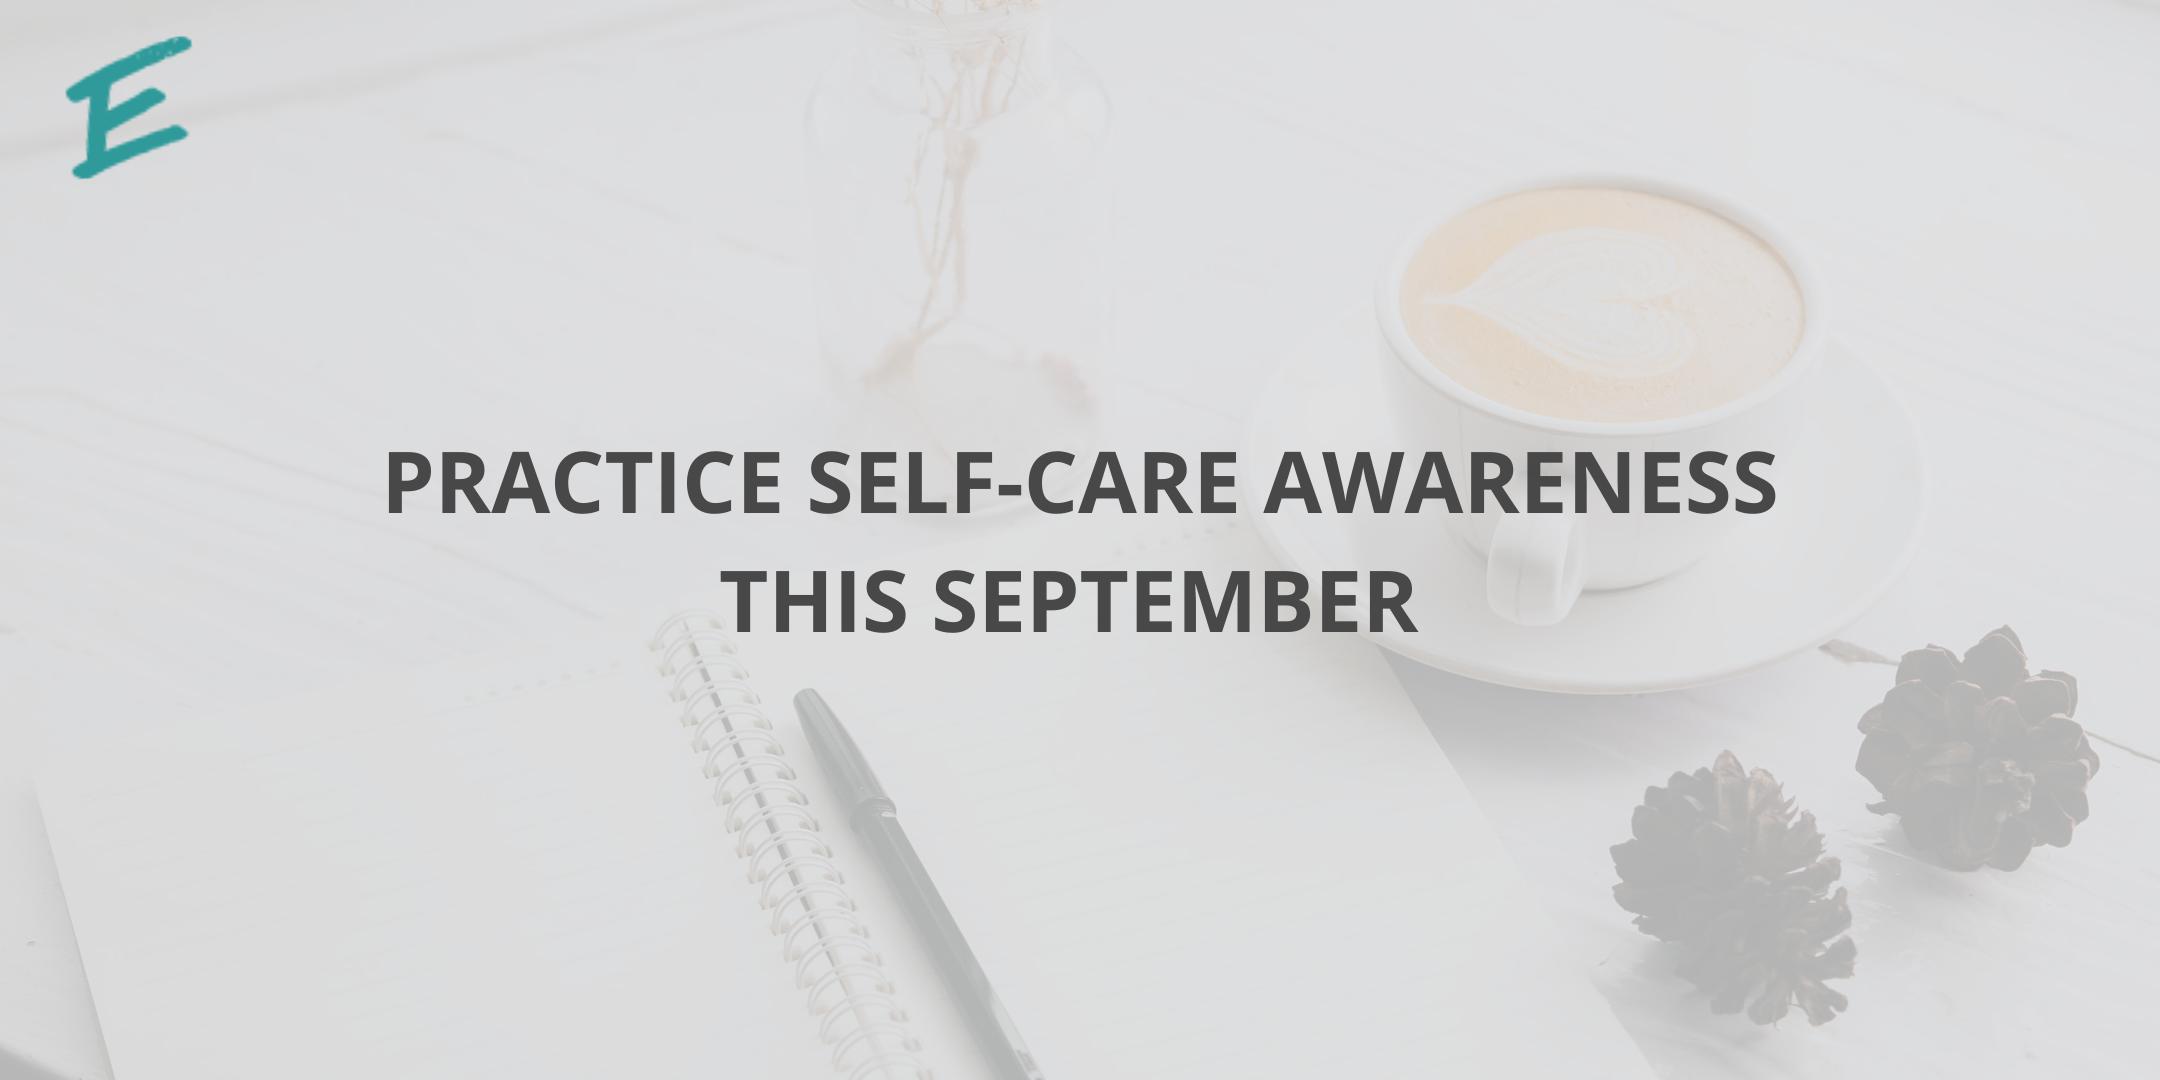 practice-self-care-awareness-september